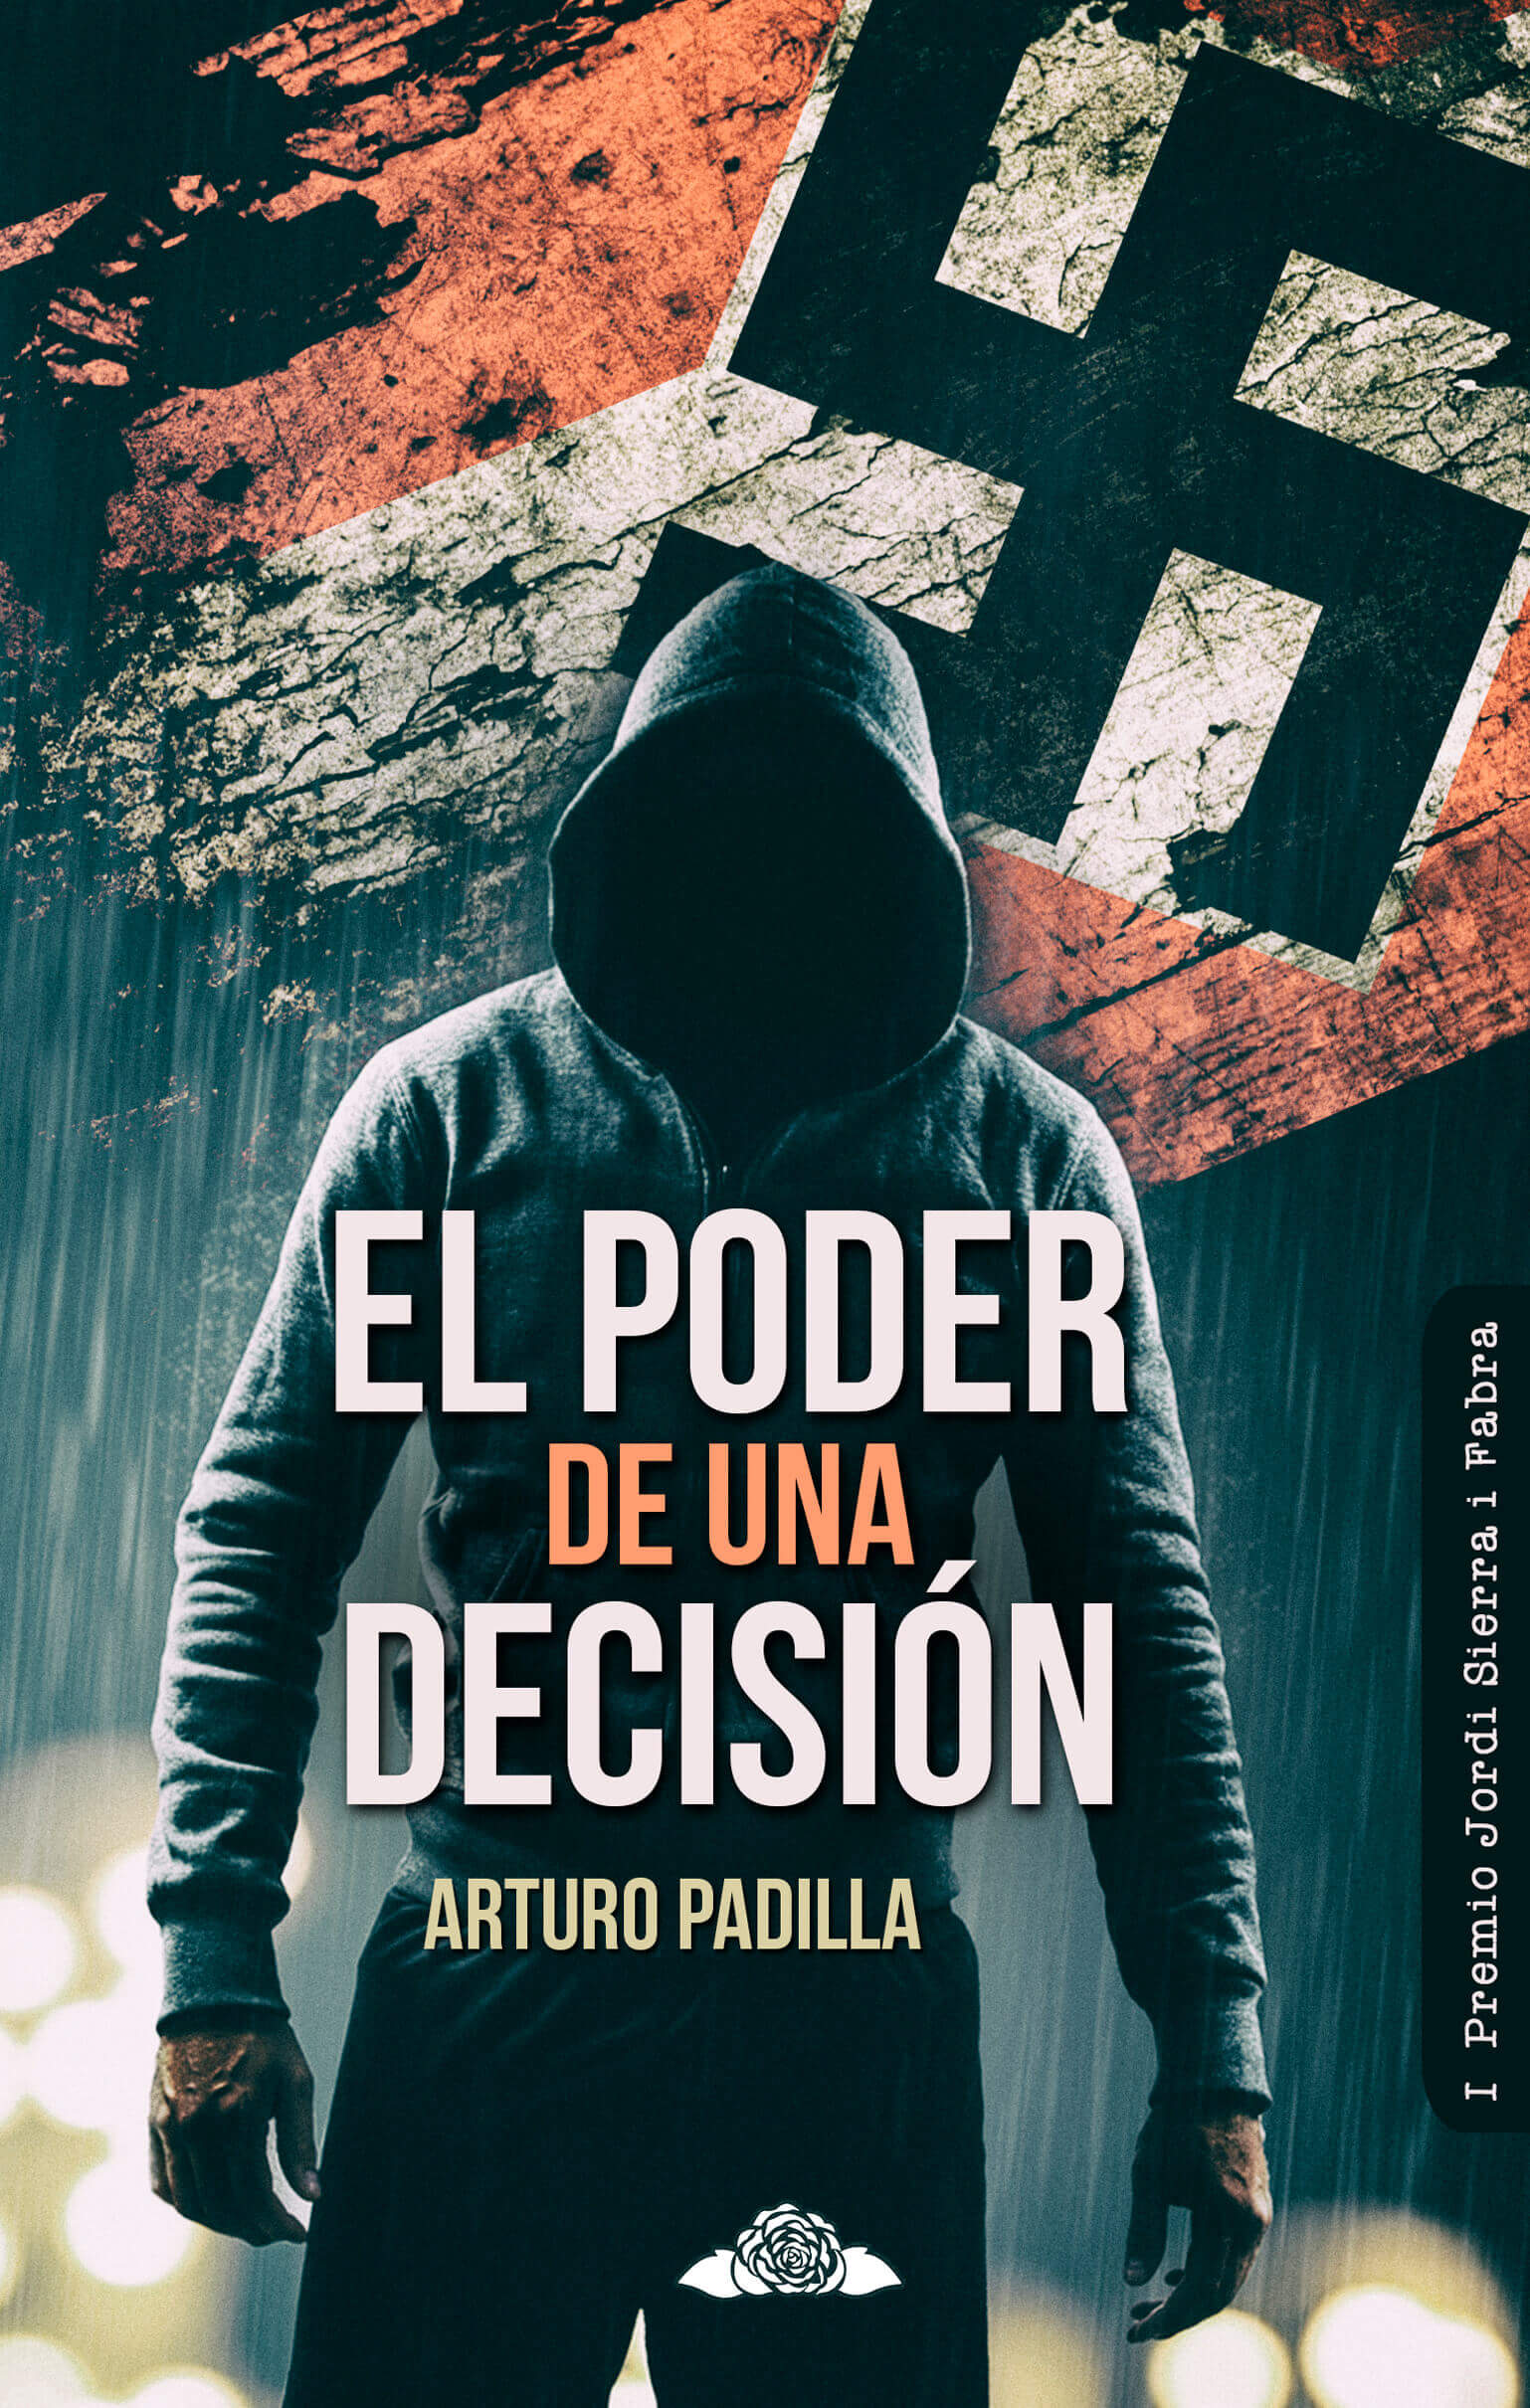 el poder de una decision